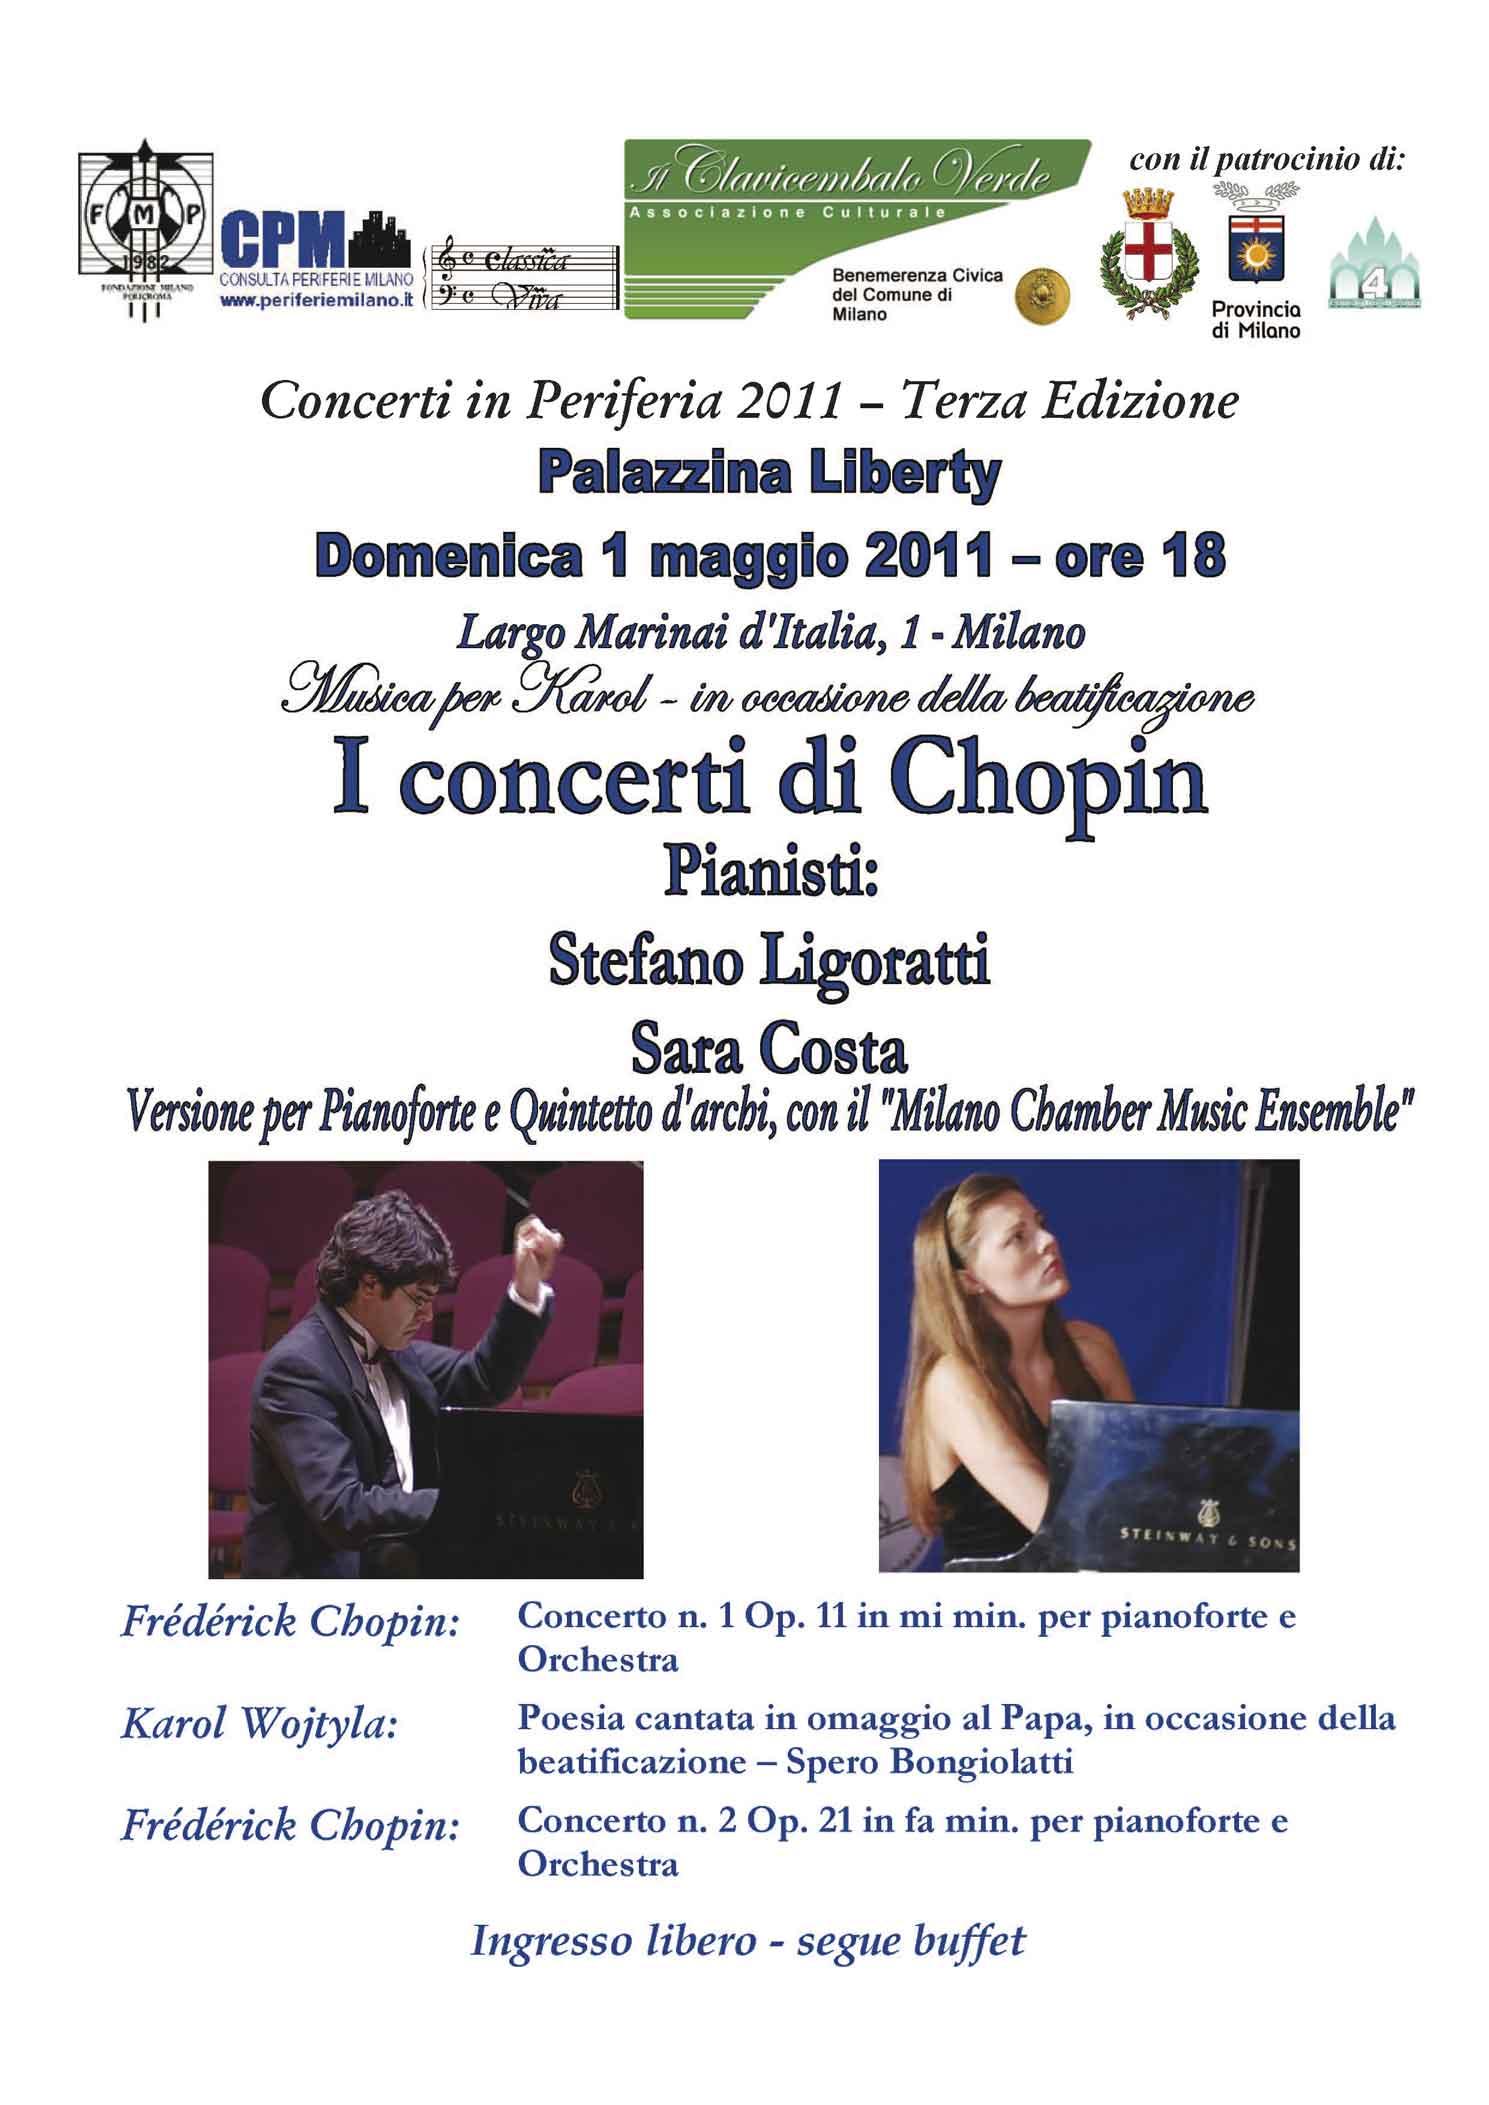 I concerti di Chopin alla Palazzina Liberty di Milano, con  i pianisti Stefano Ligoratti e Sara Costa